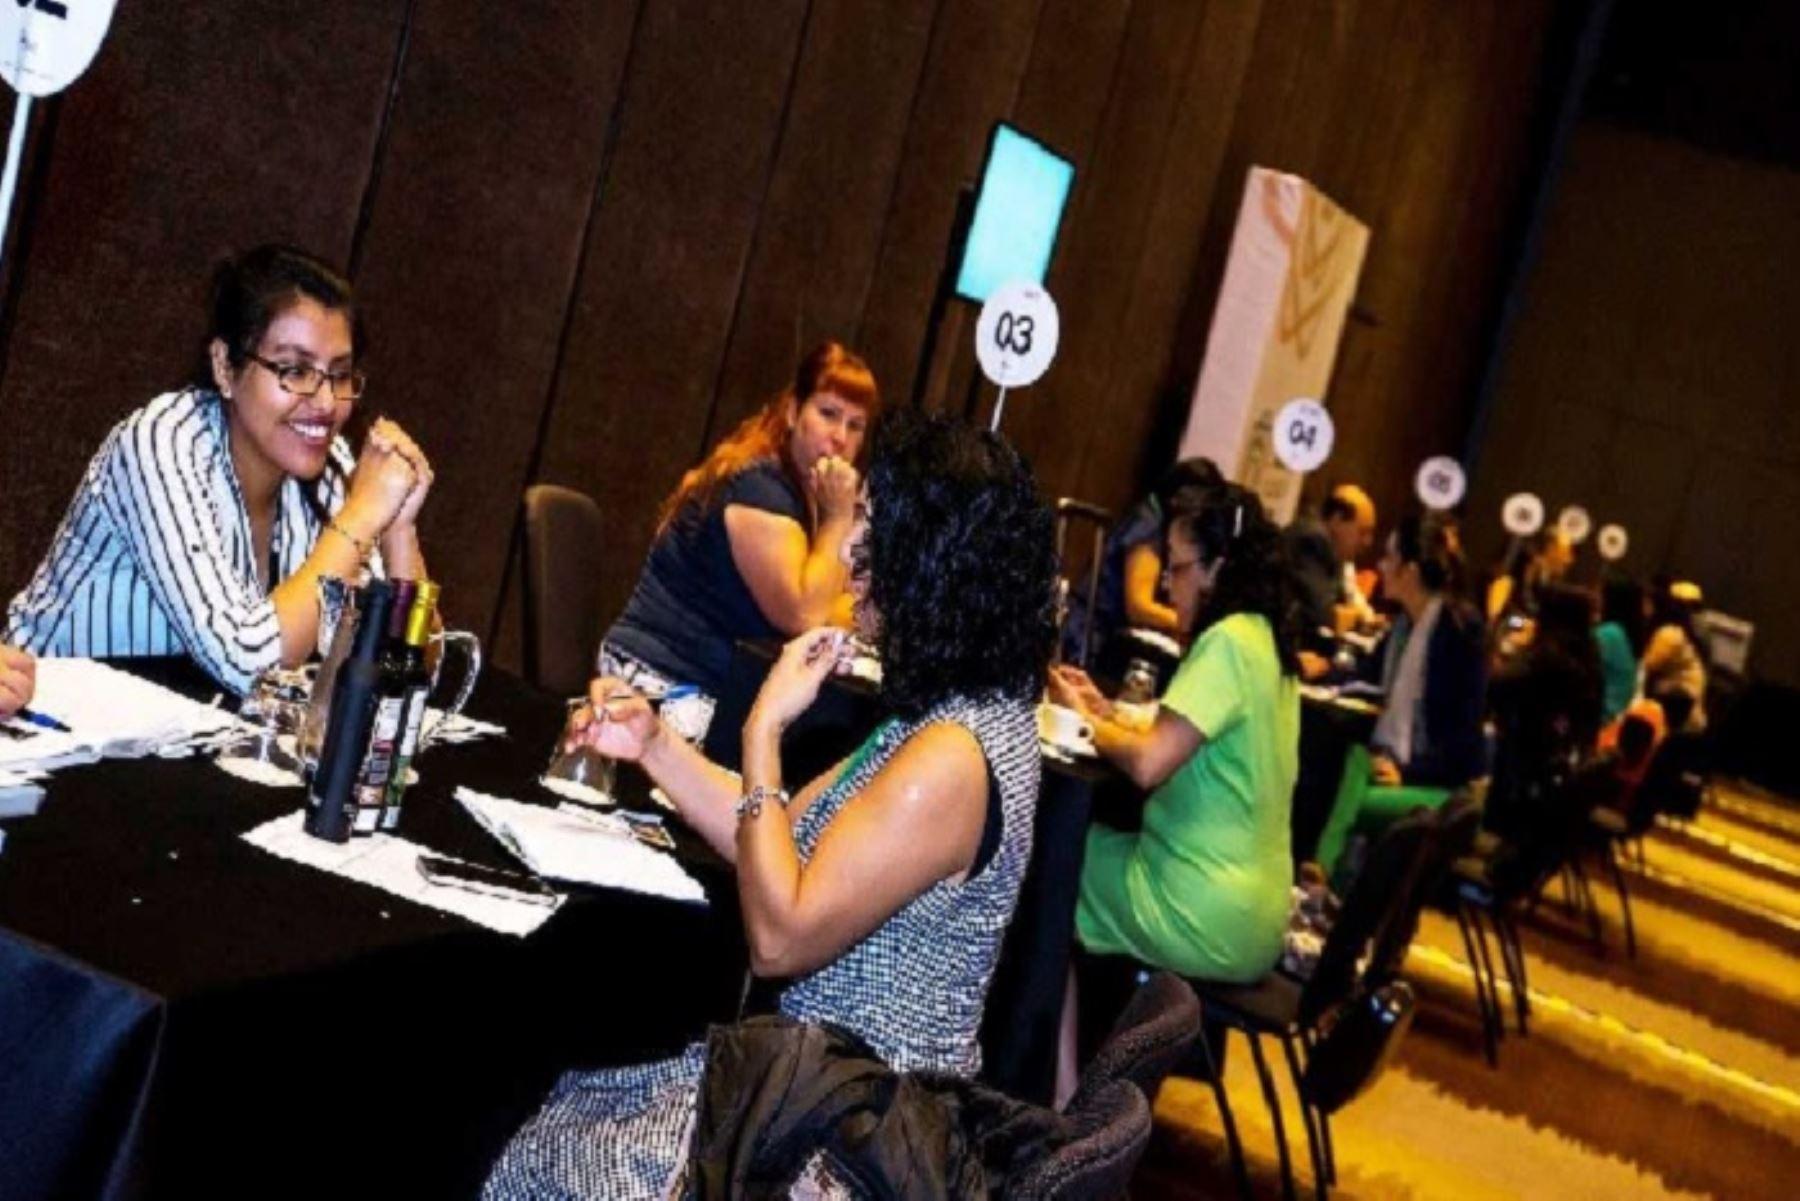 Mmp y Promperú organizaron seminario 'Comercio y Género en el Perú', que permitió a los asistentes identificar las oportunidades y desafíos para la internacionalización de las empresas lideradas por mujeres y obtener conocimientos en comercio exterior desde un enfoque intersectorial.